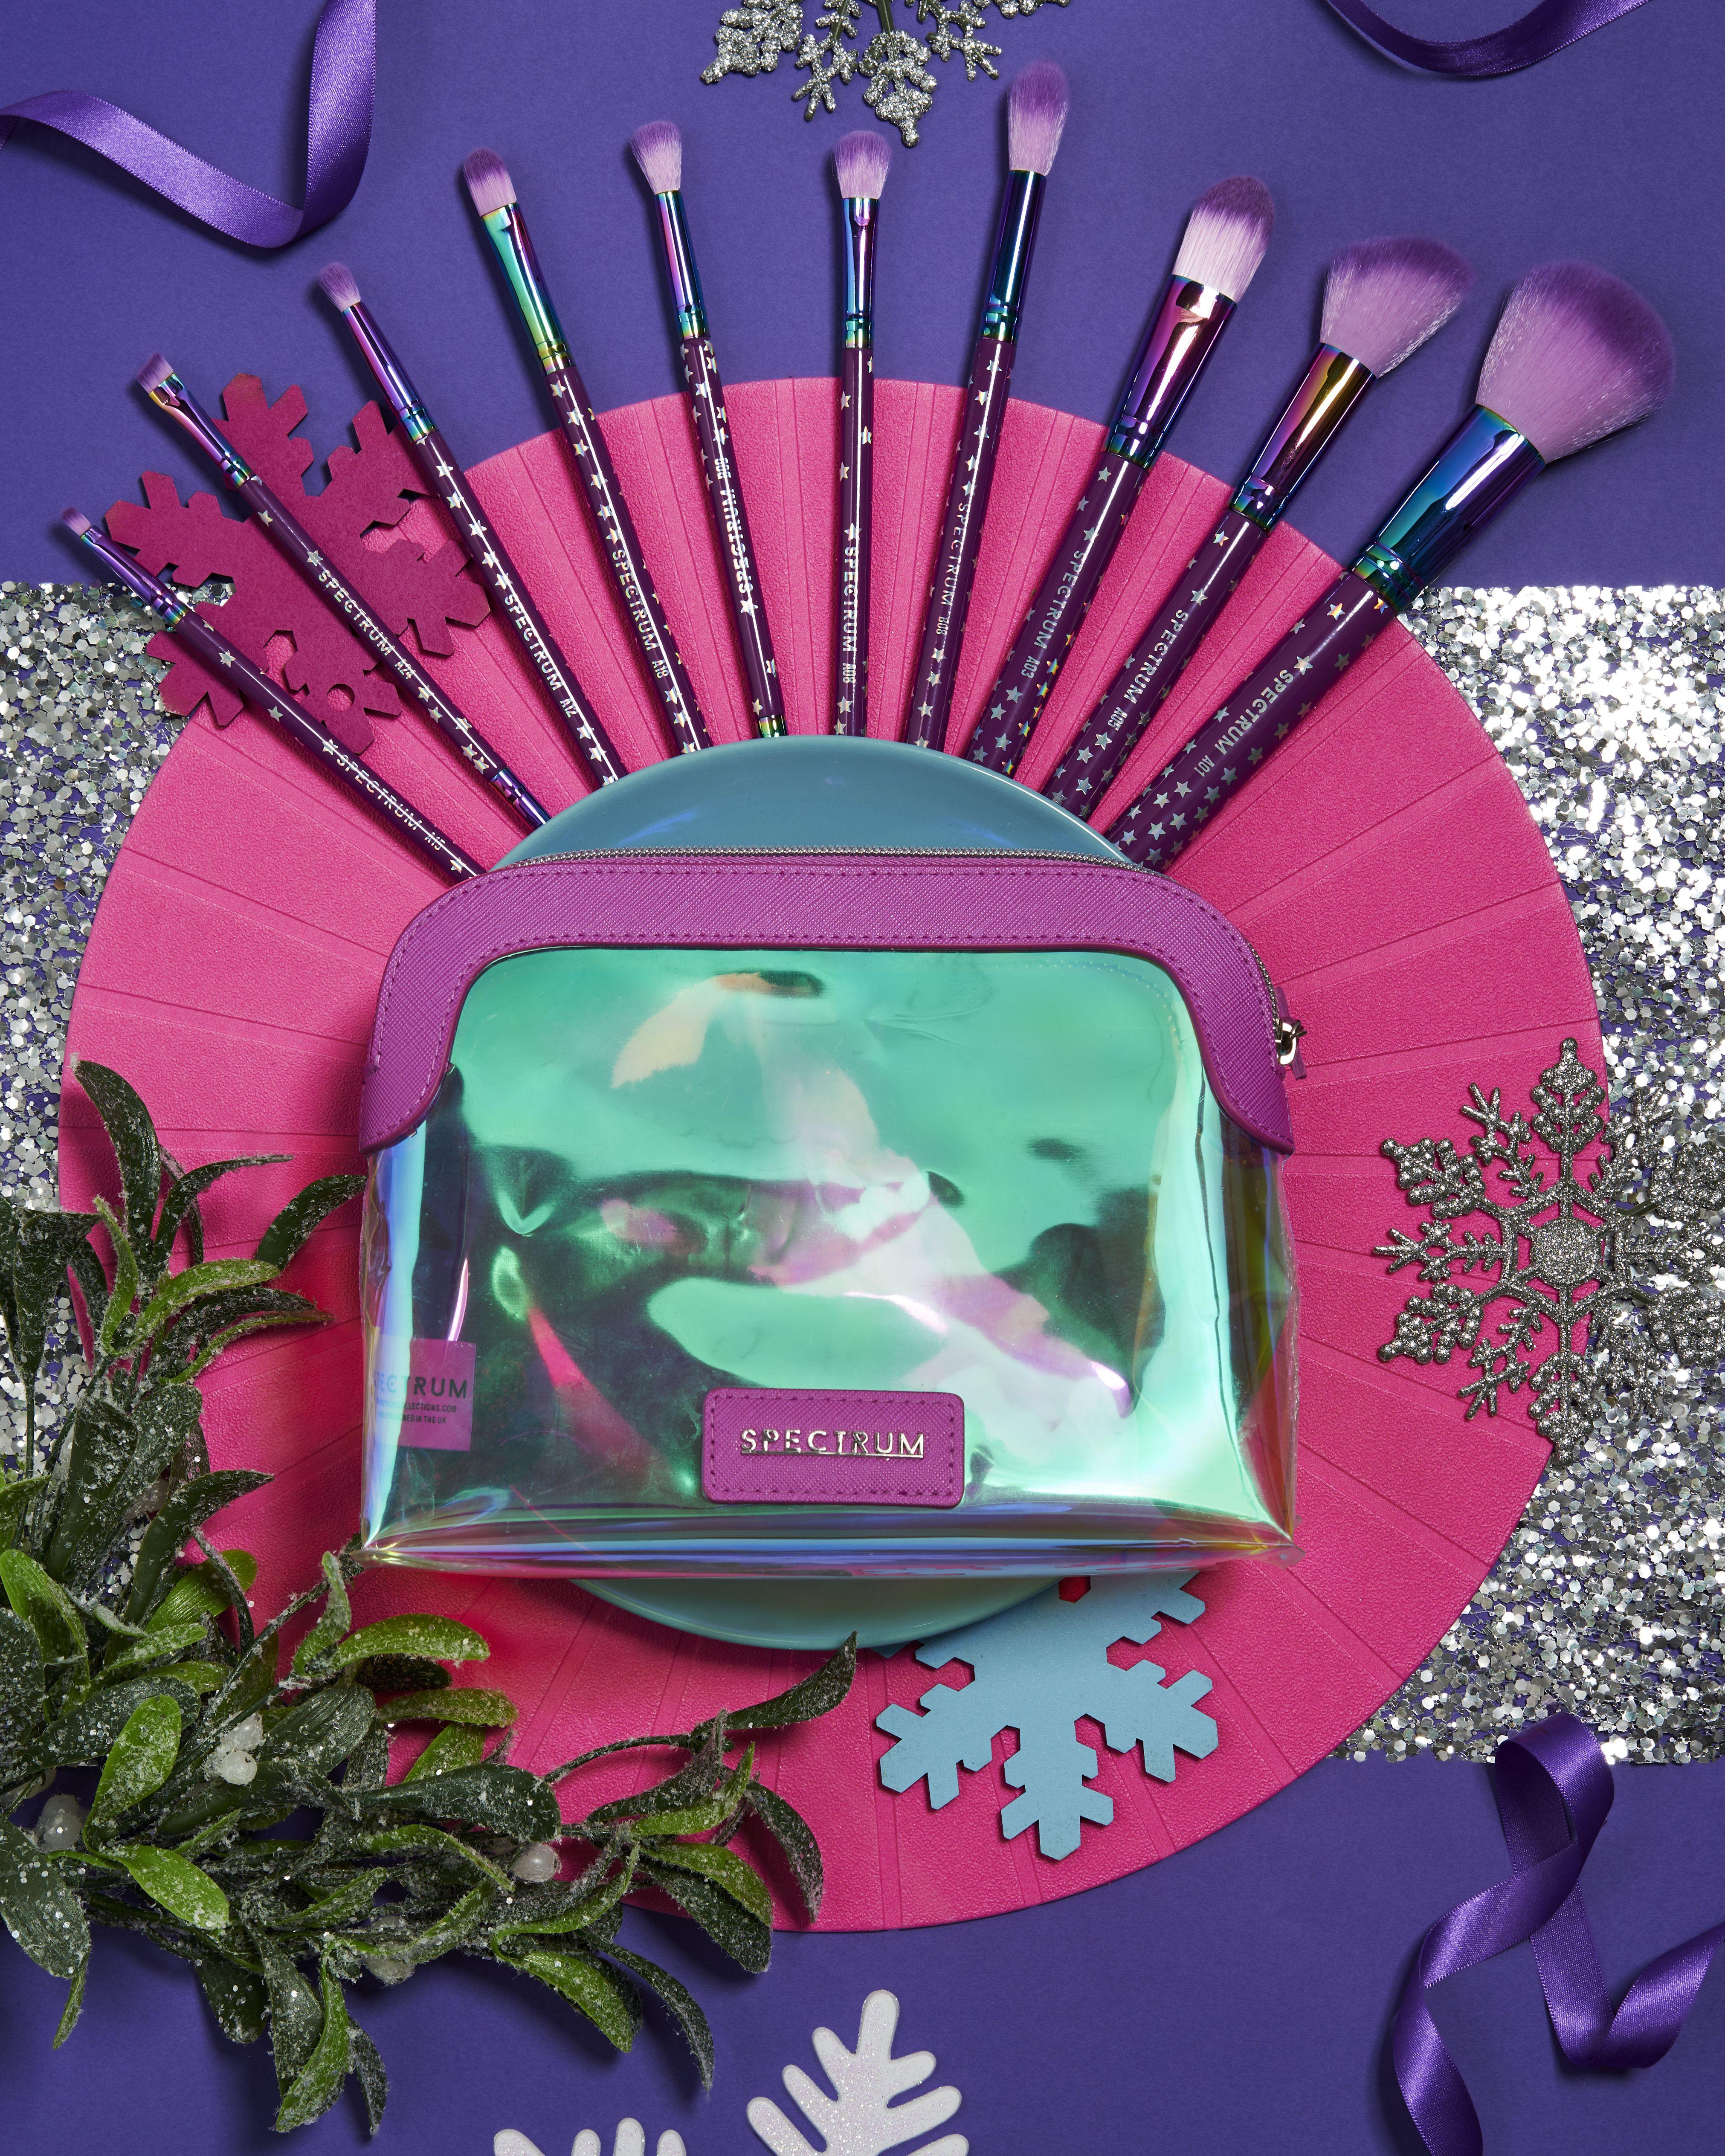 Spectrum Bumper Brush & Bag Set £50 Christmas gift